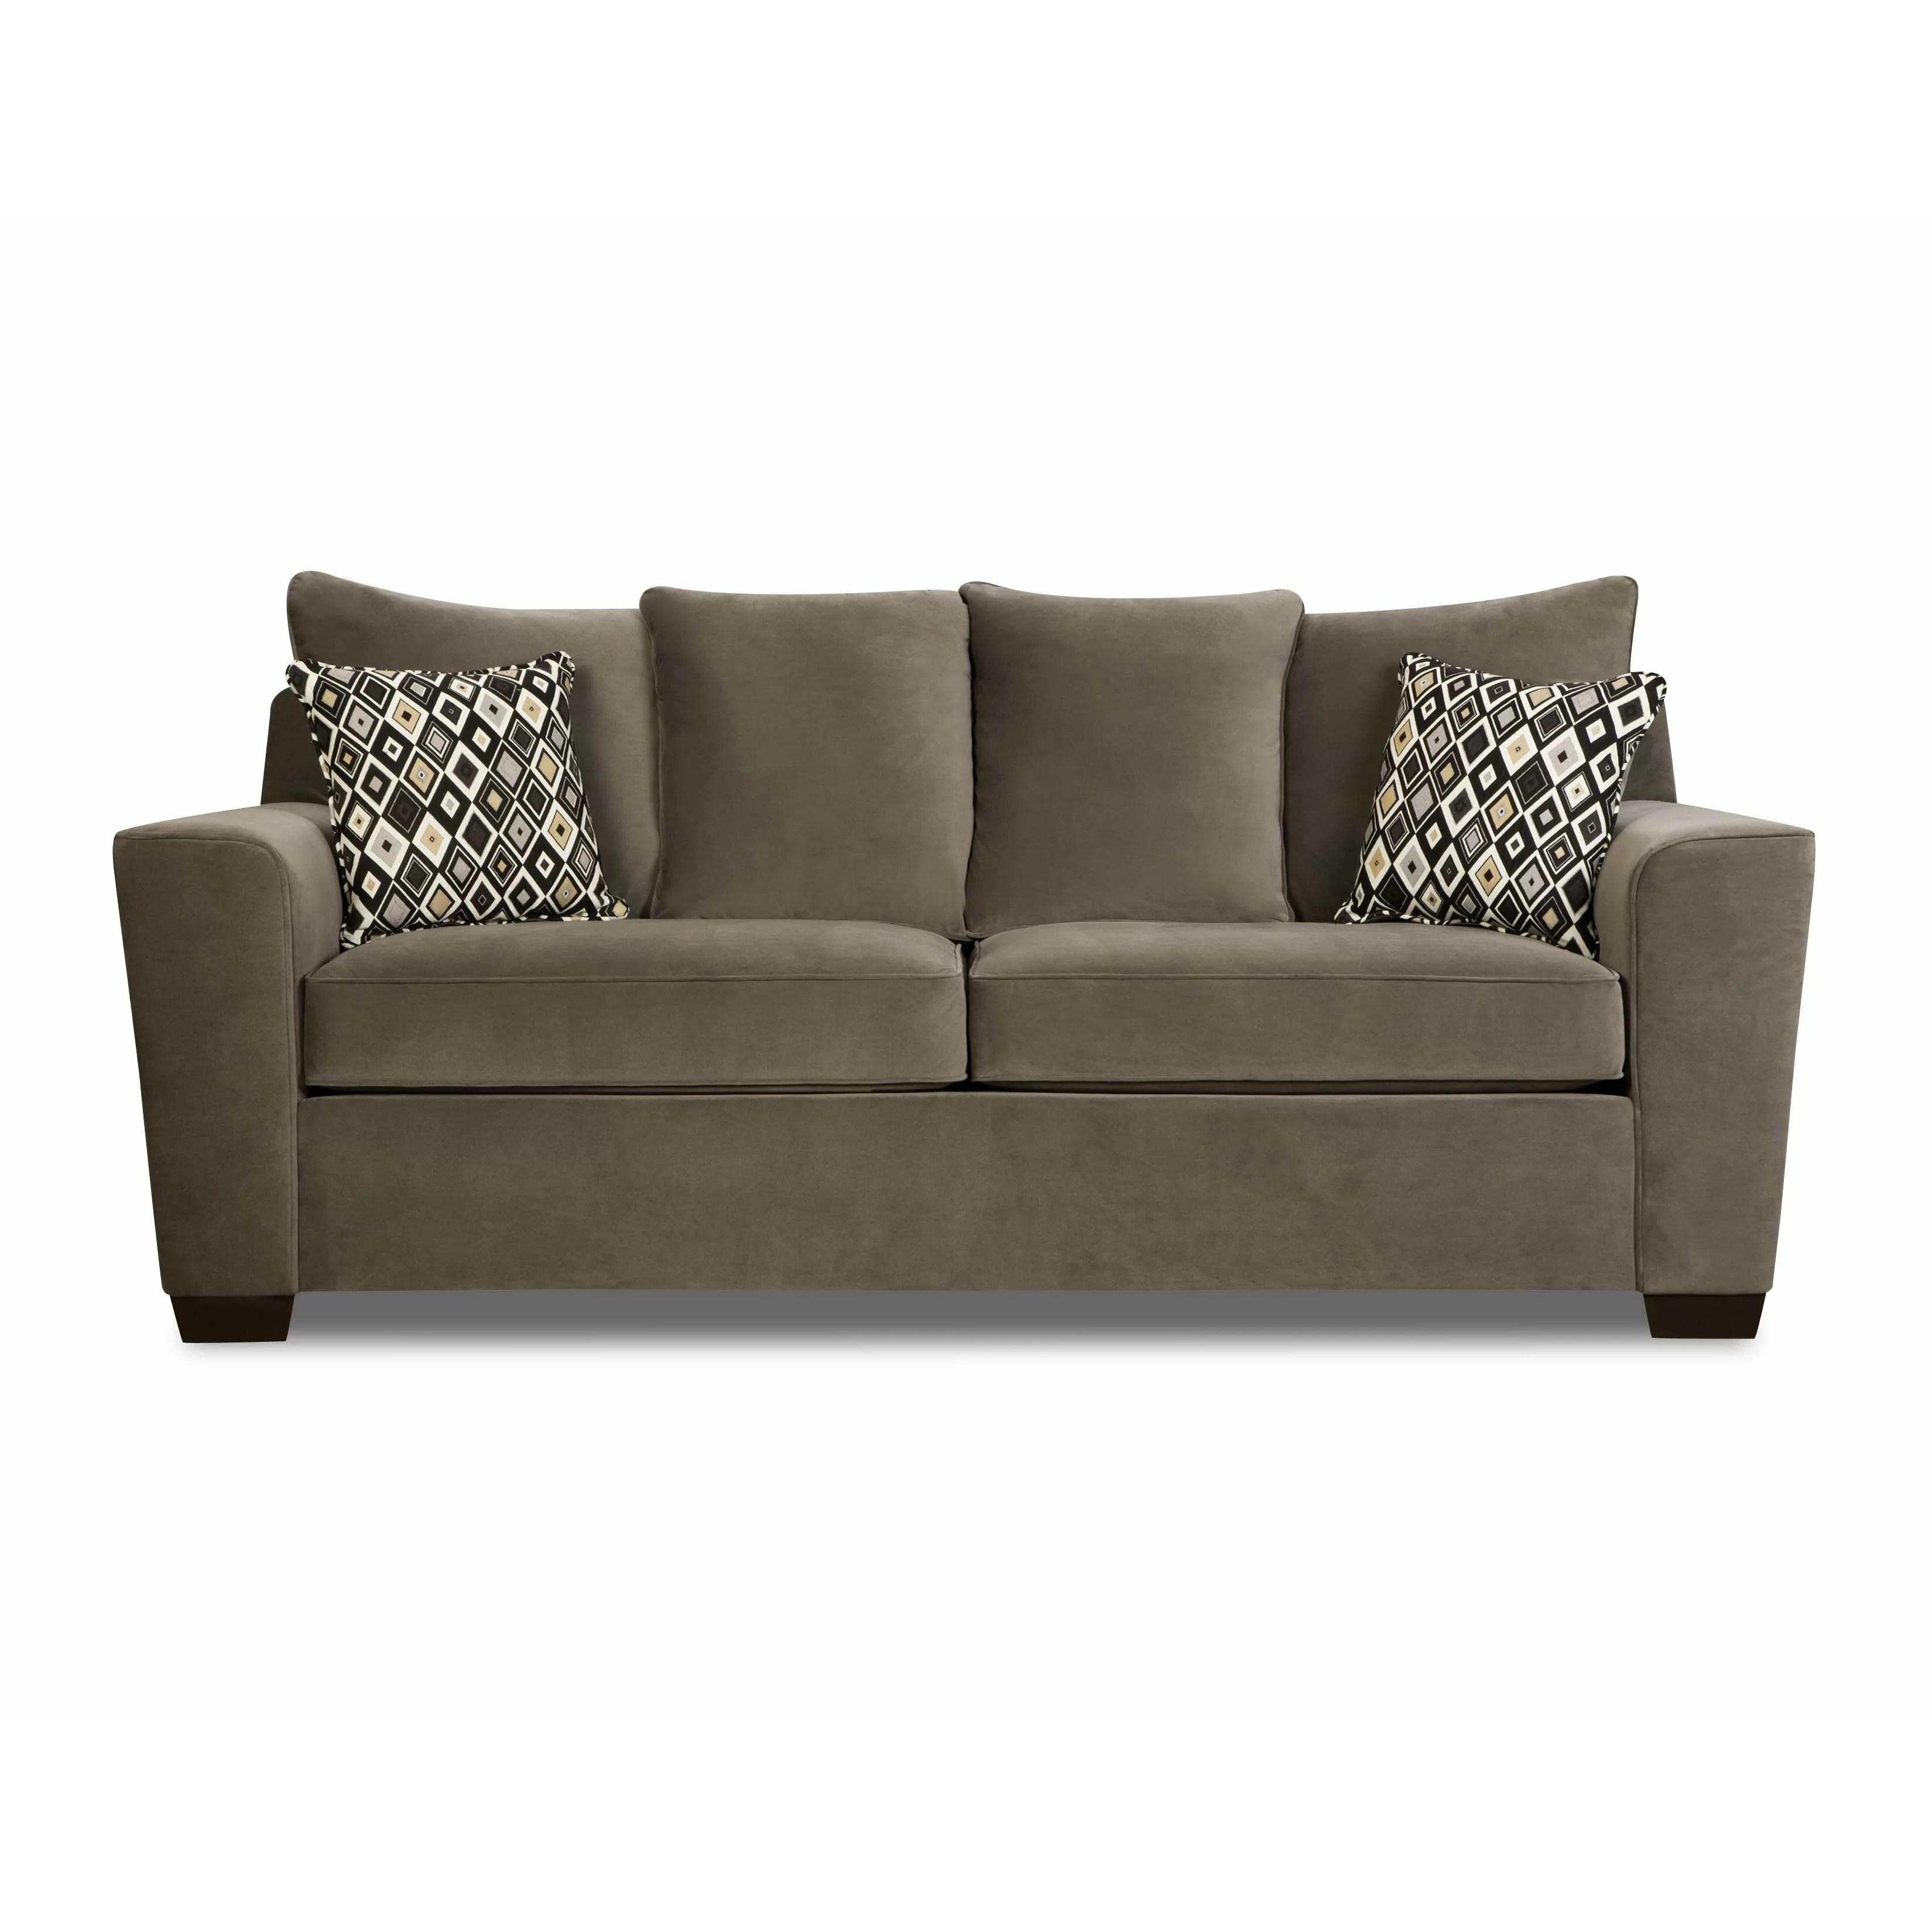 Simmons Upholstery Roxanne Queen Sleeper Sofa  Reviews  Wayfair